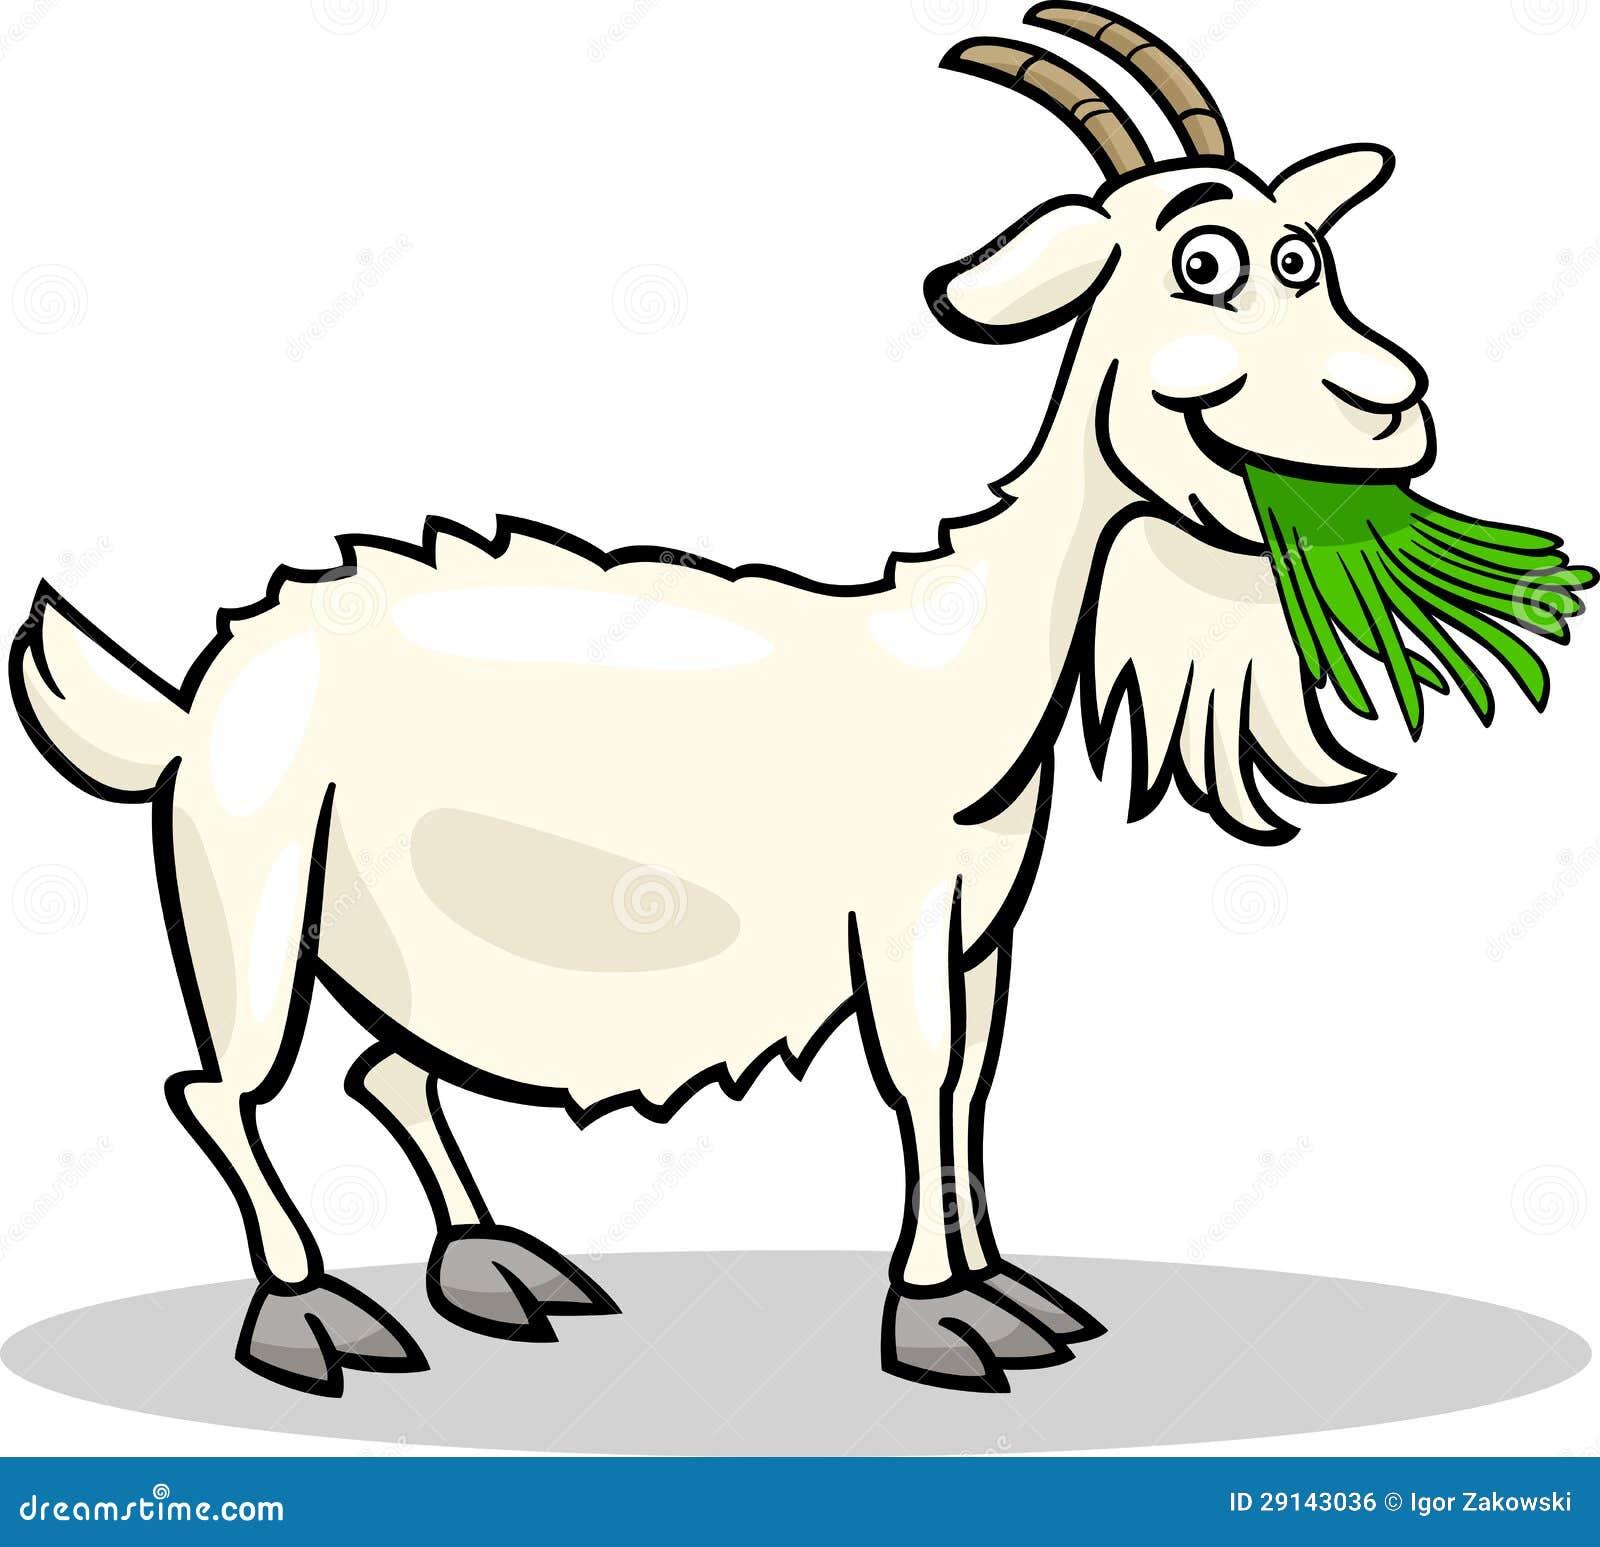 Goat Farm Animal Cartoon Illustration Royalty Free Stock Image - Image ...